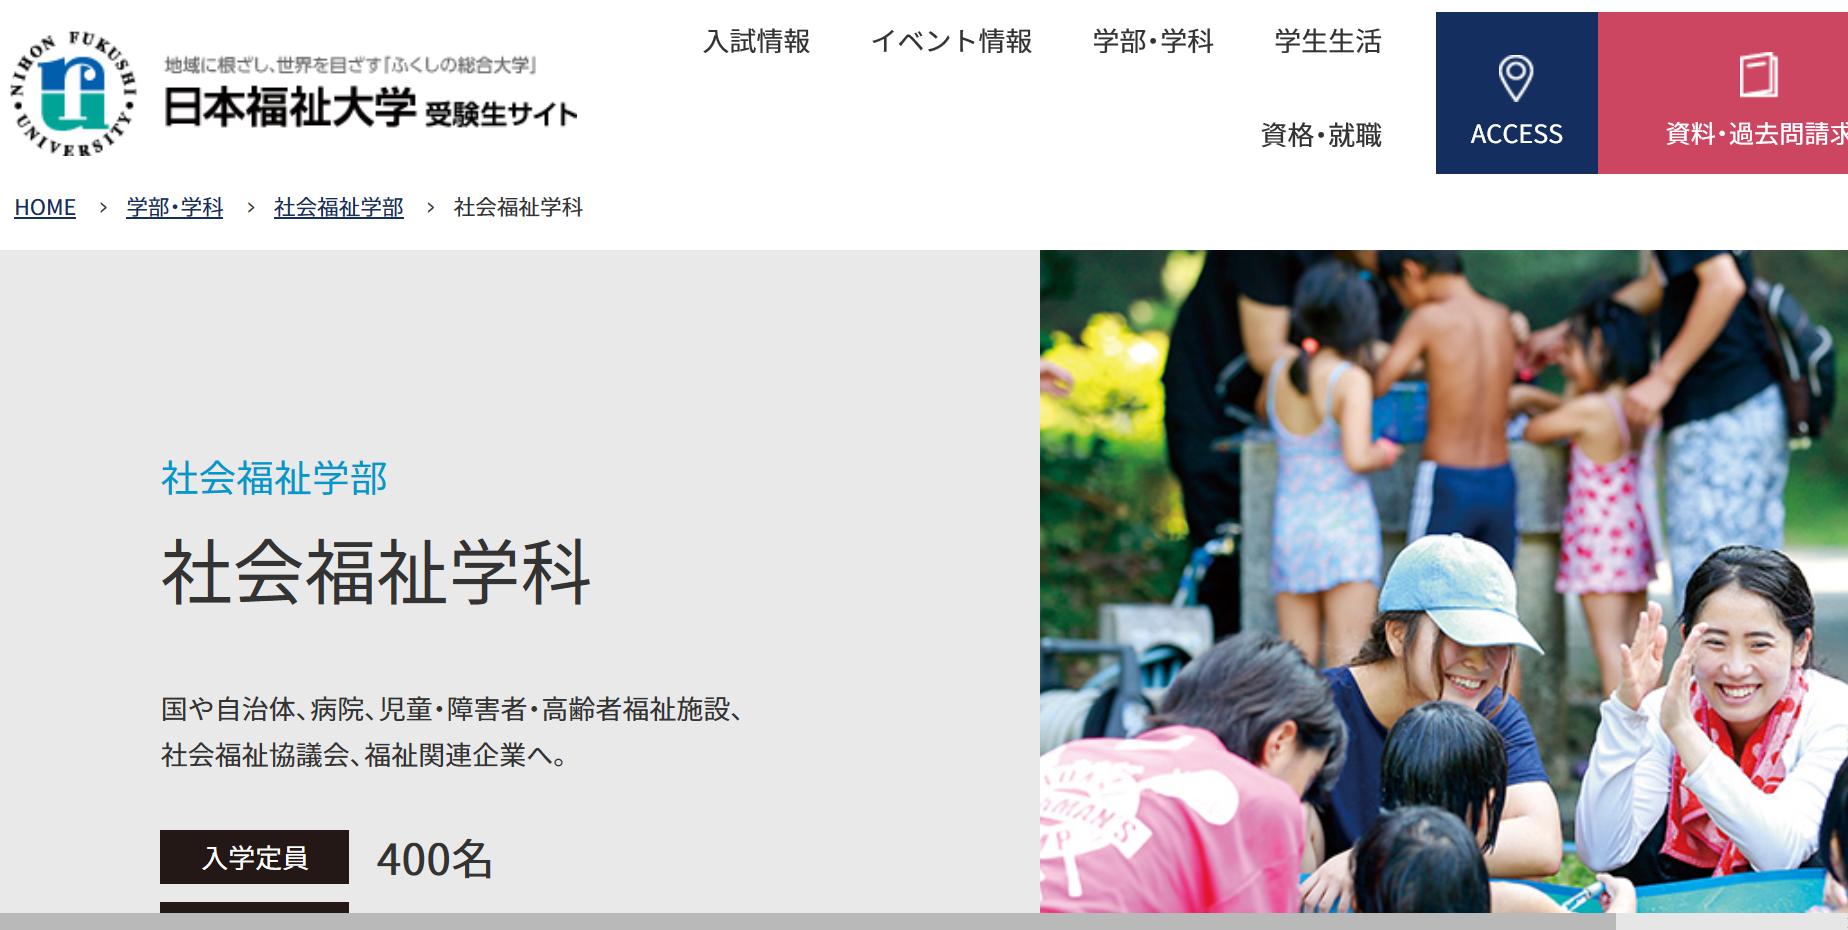 日本福祉大学の評判・口コミ【社会福祉学部編】